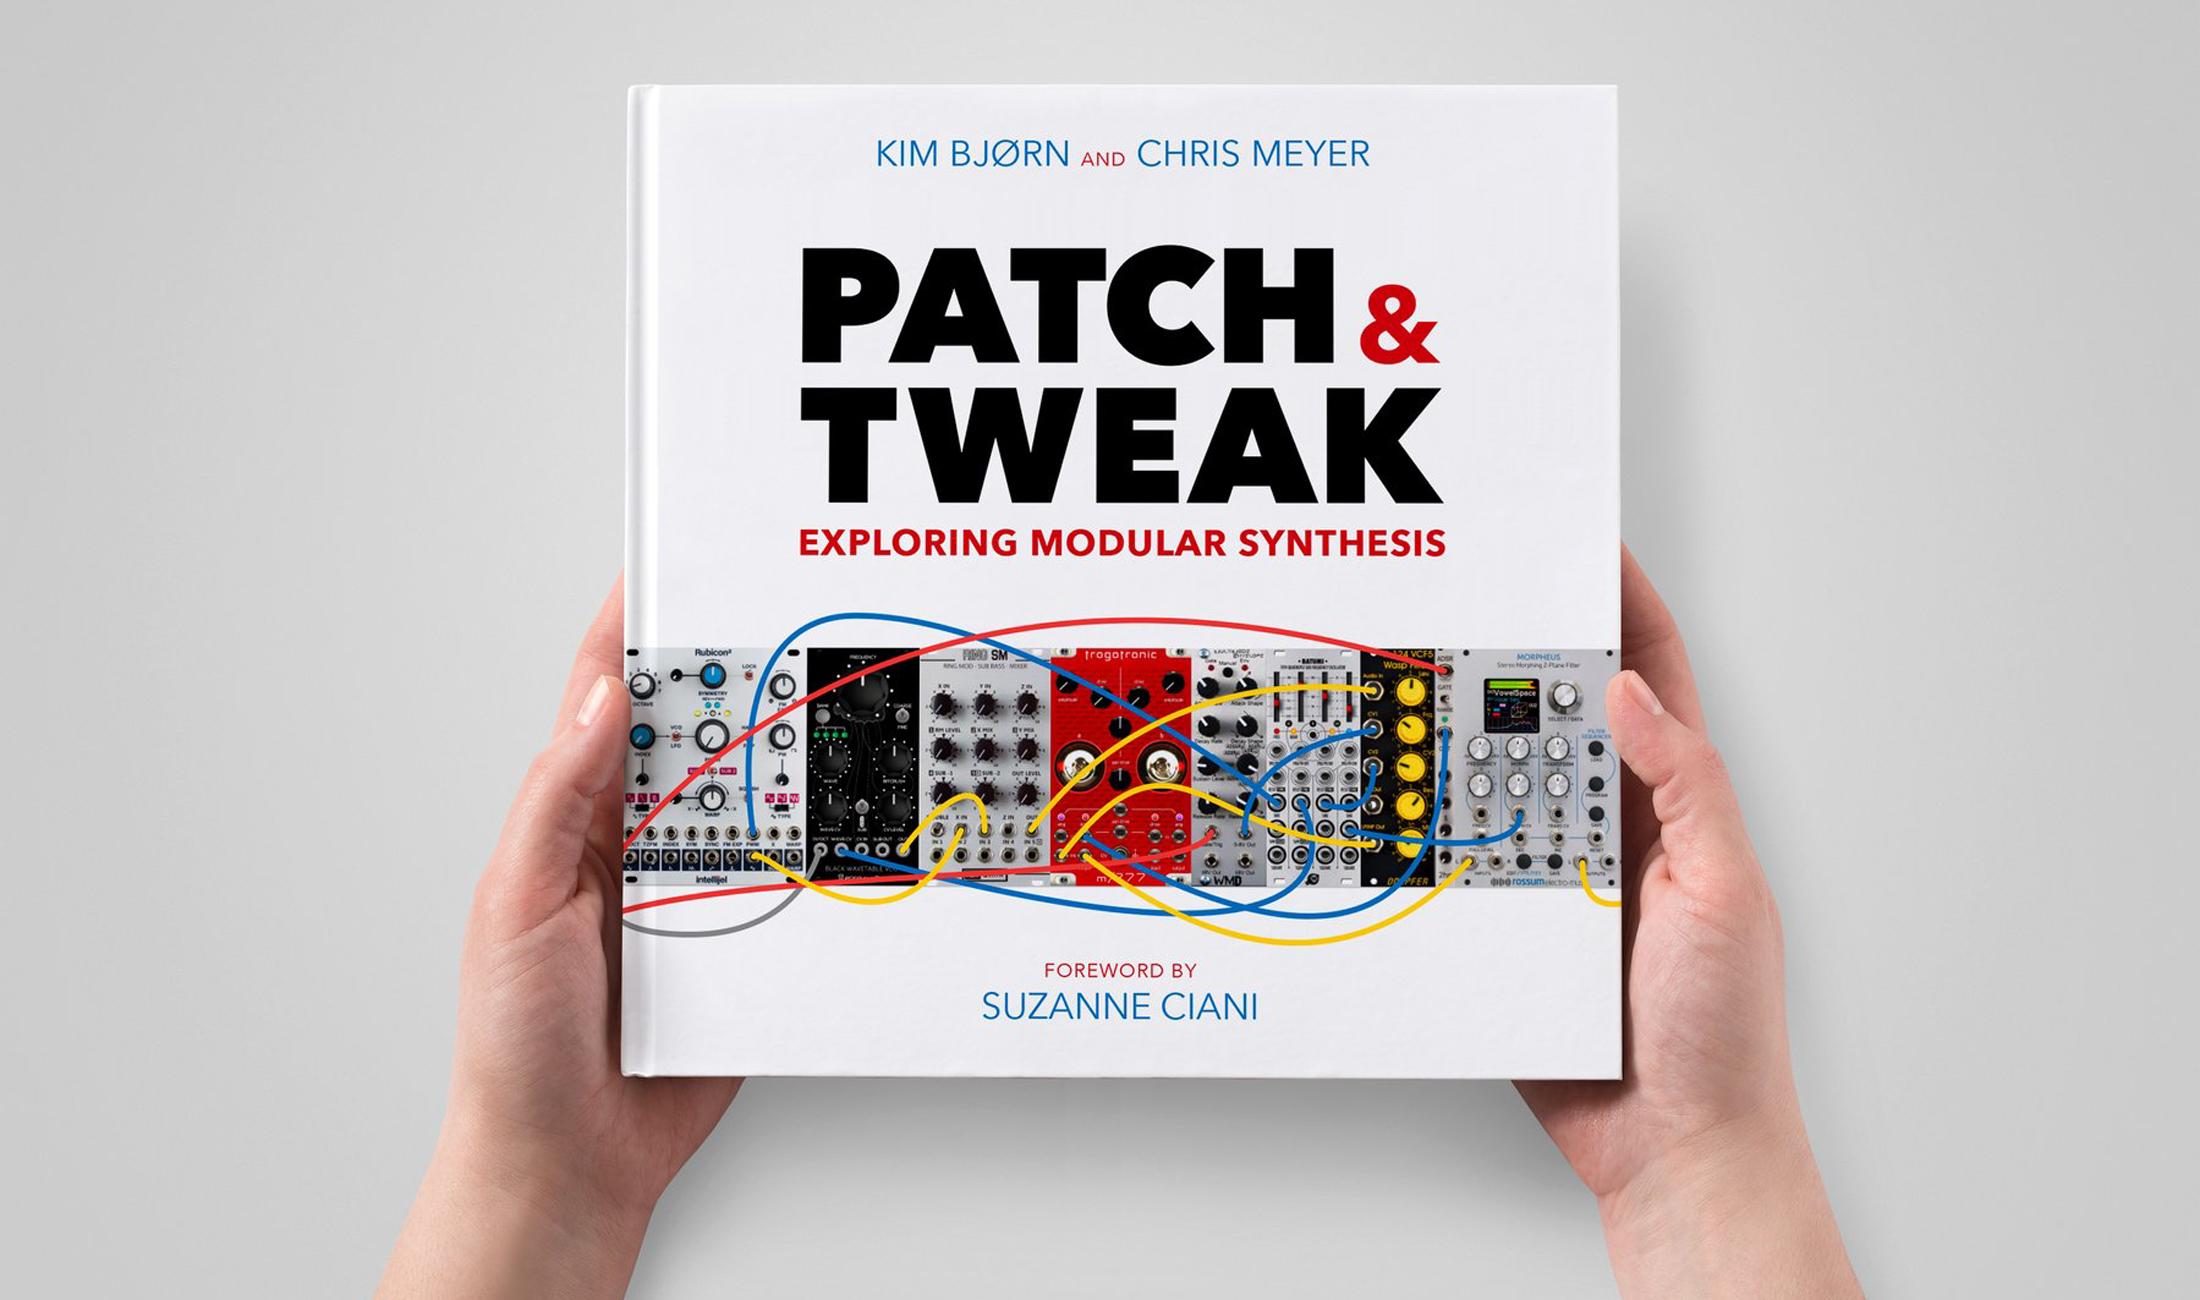 Patch & Tweak – Buch über Modulare Synthesizer ist jetzt erhältlich